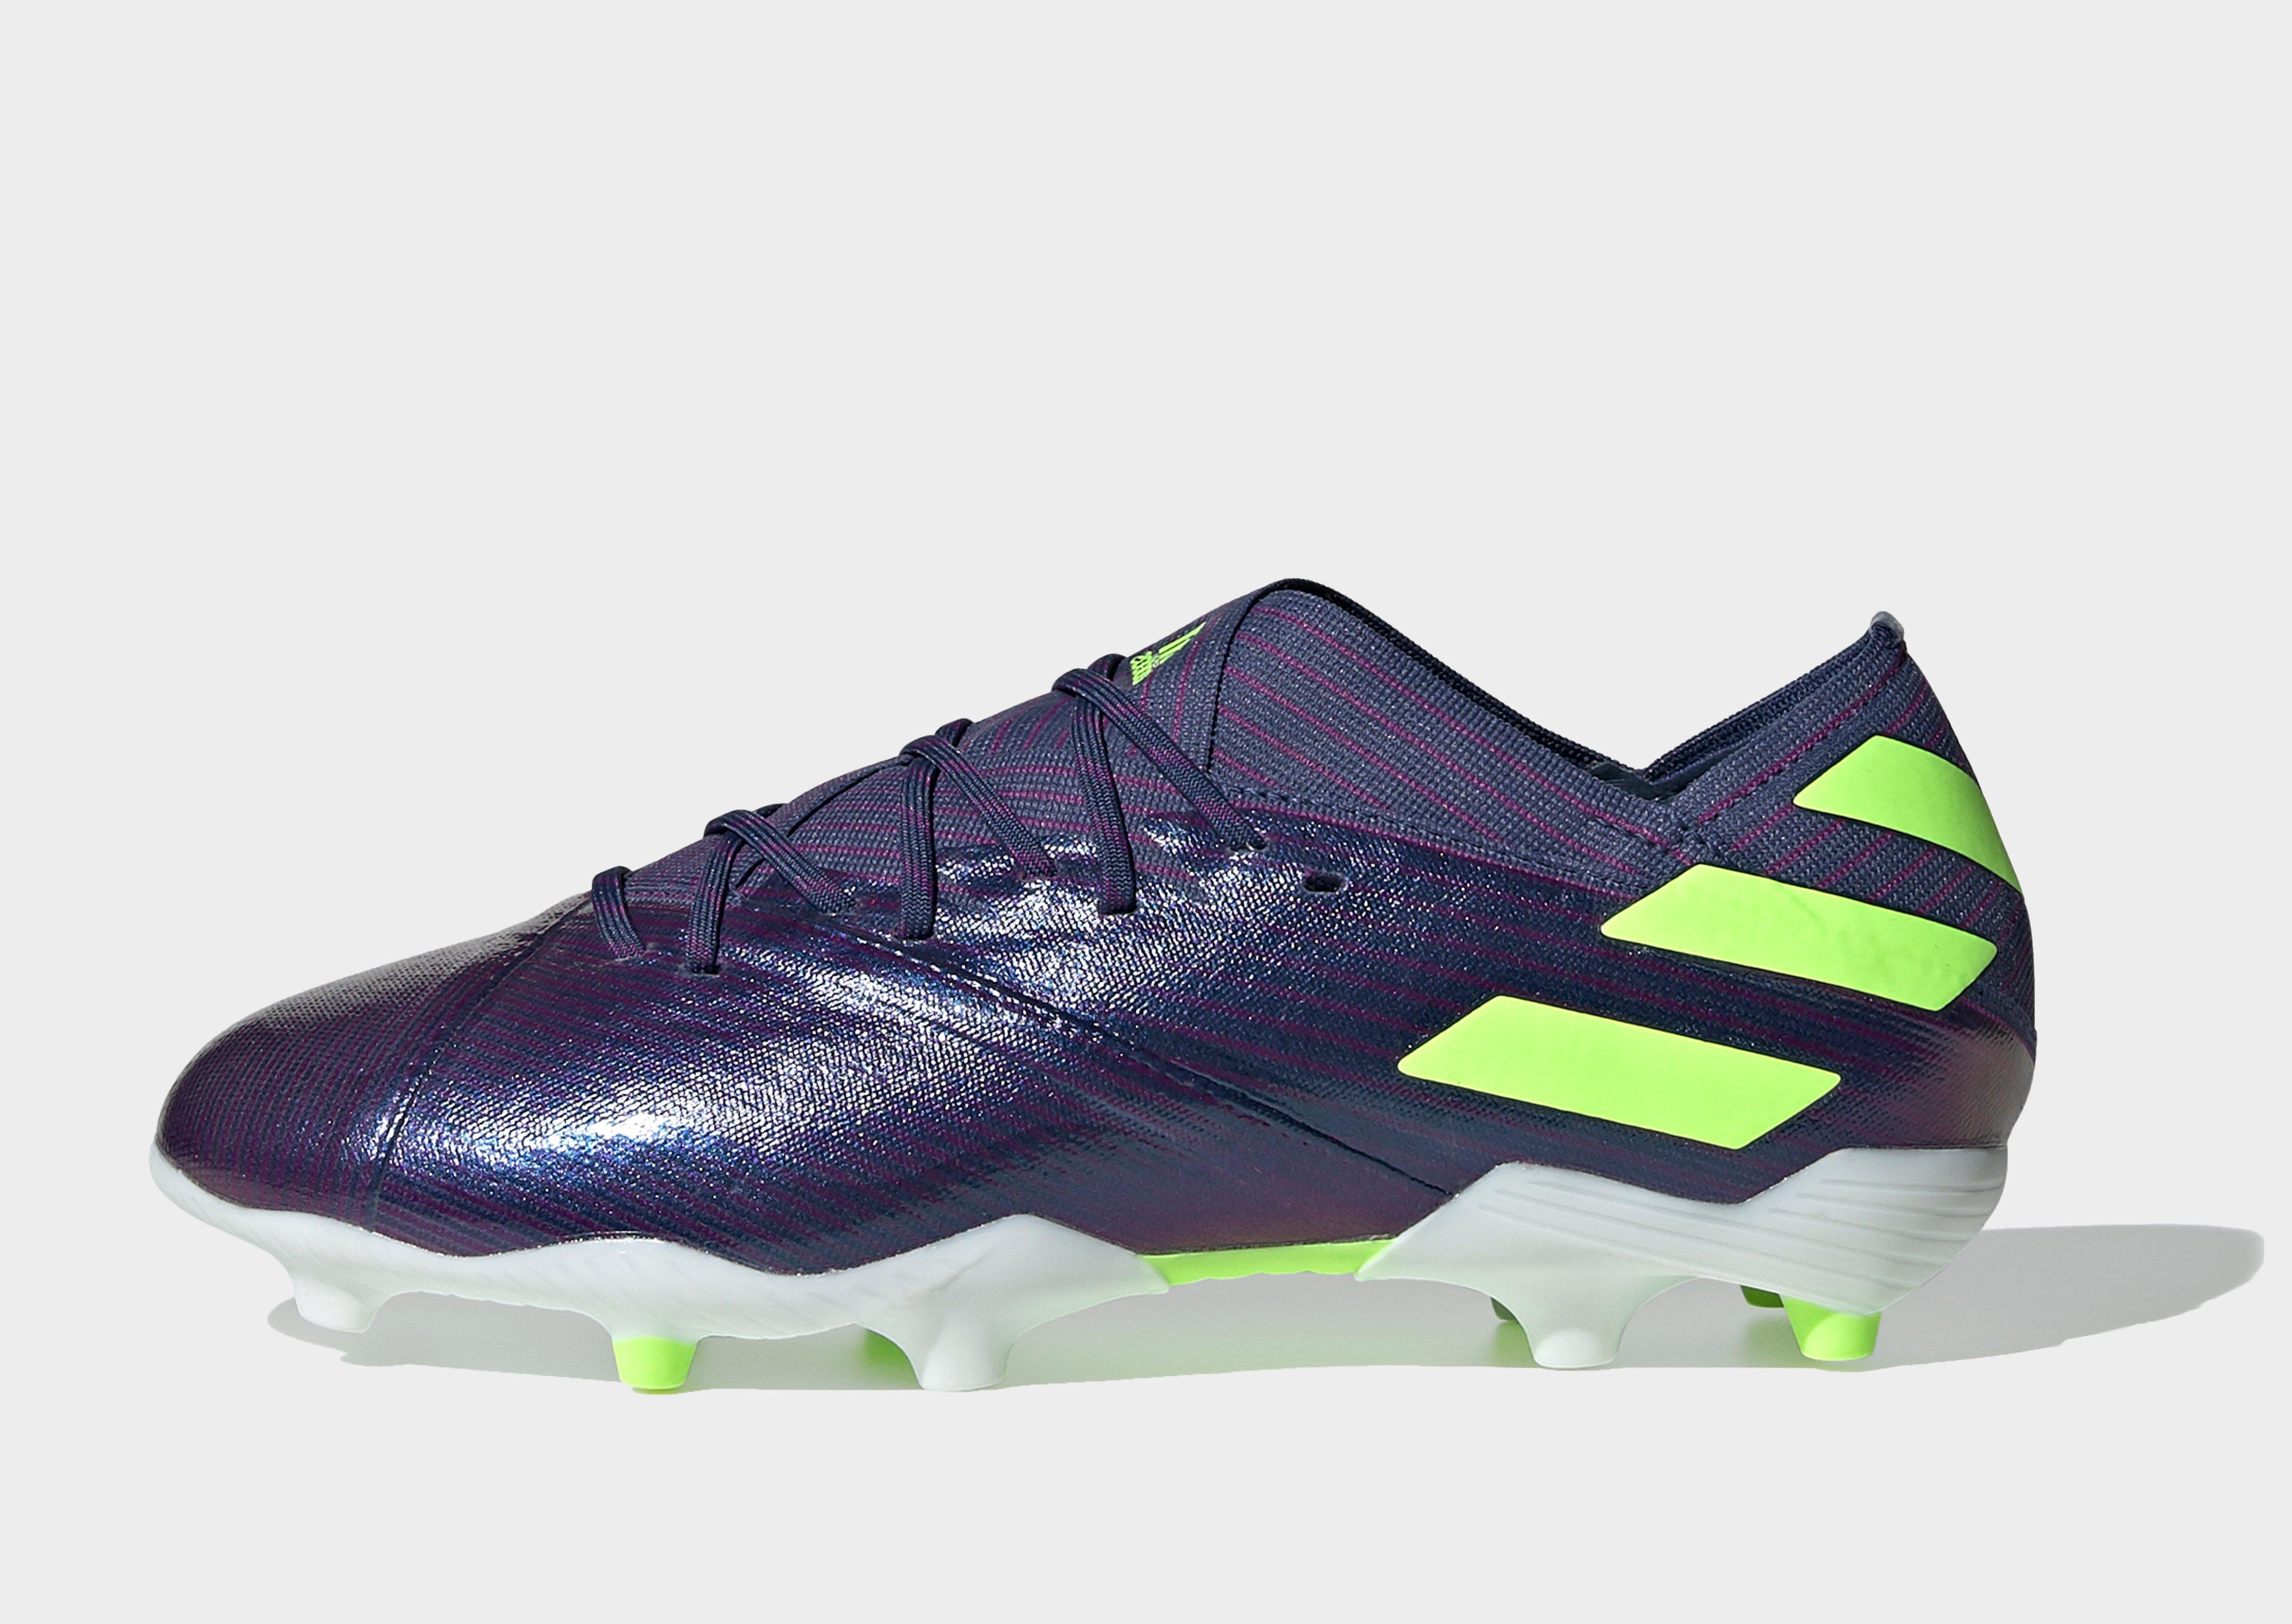 adidas Nemeziz Messi 19.1 FG Children | JD Sports Sverige